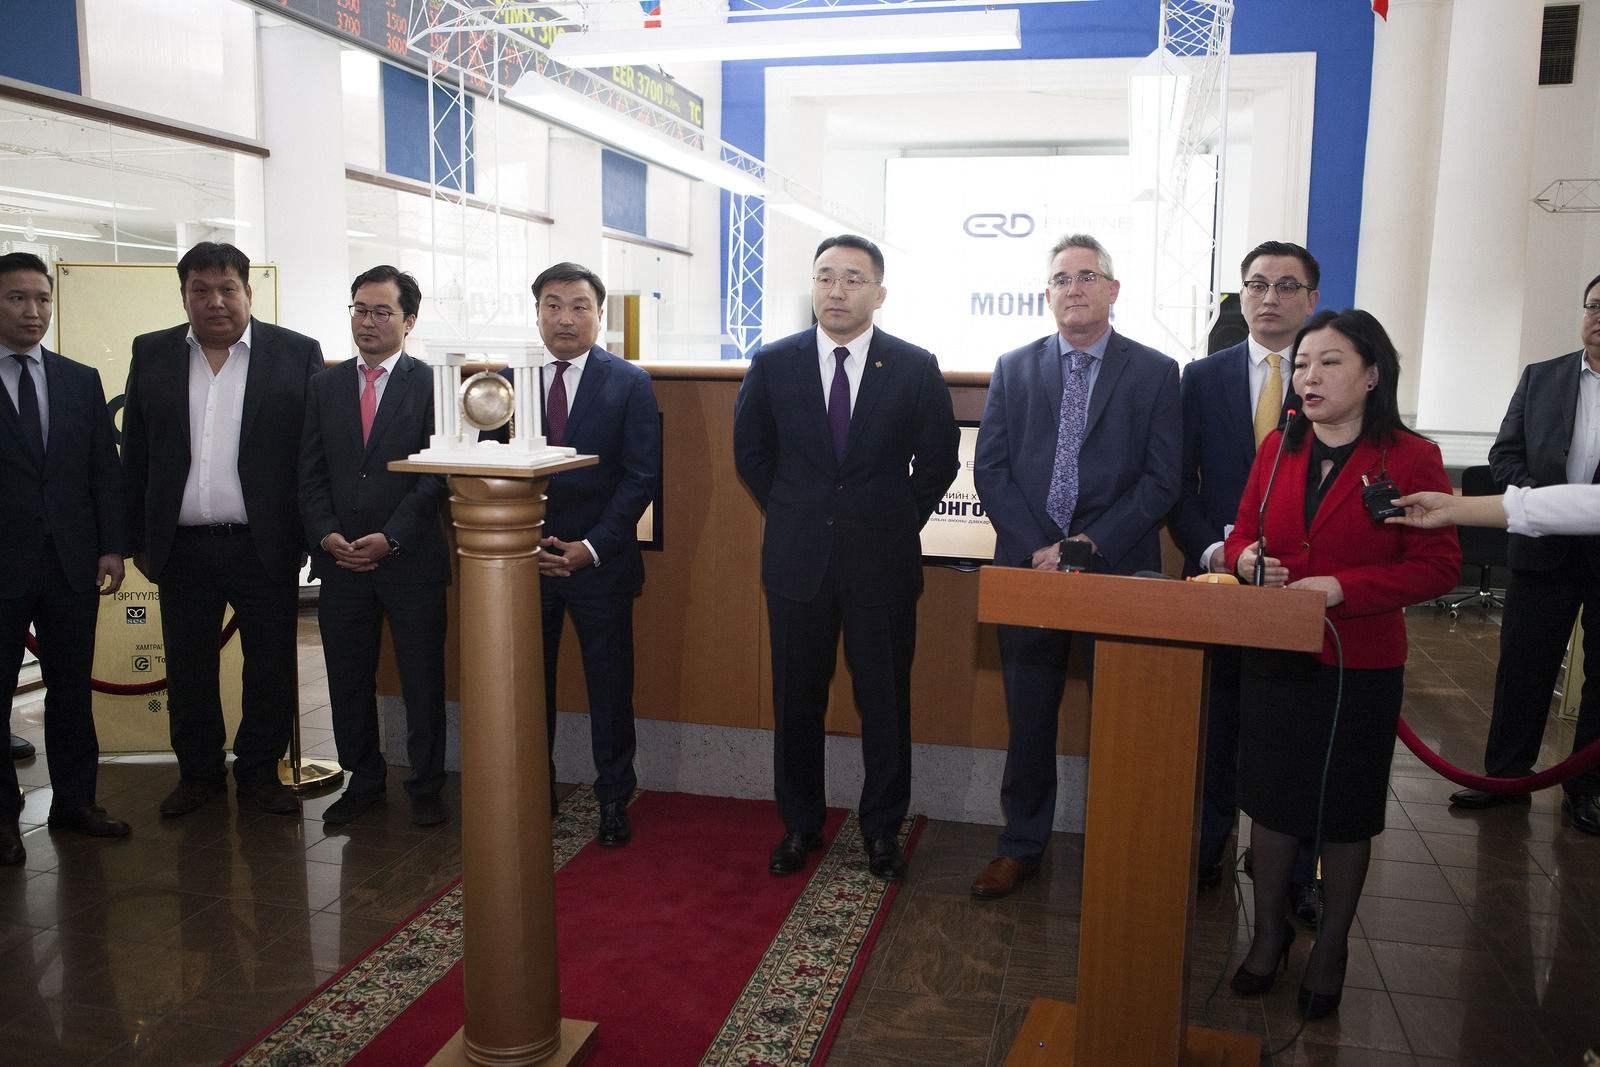 Анх удаа давхар бүртгэлтэй компани монголд хувьцаагаа арилжих боломж бүрдэж, цан цохих ёслол боллоо